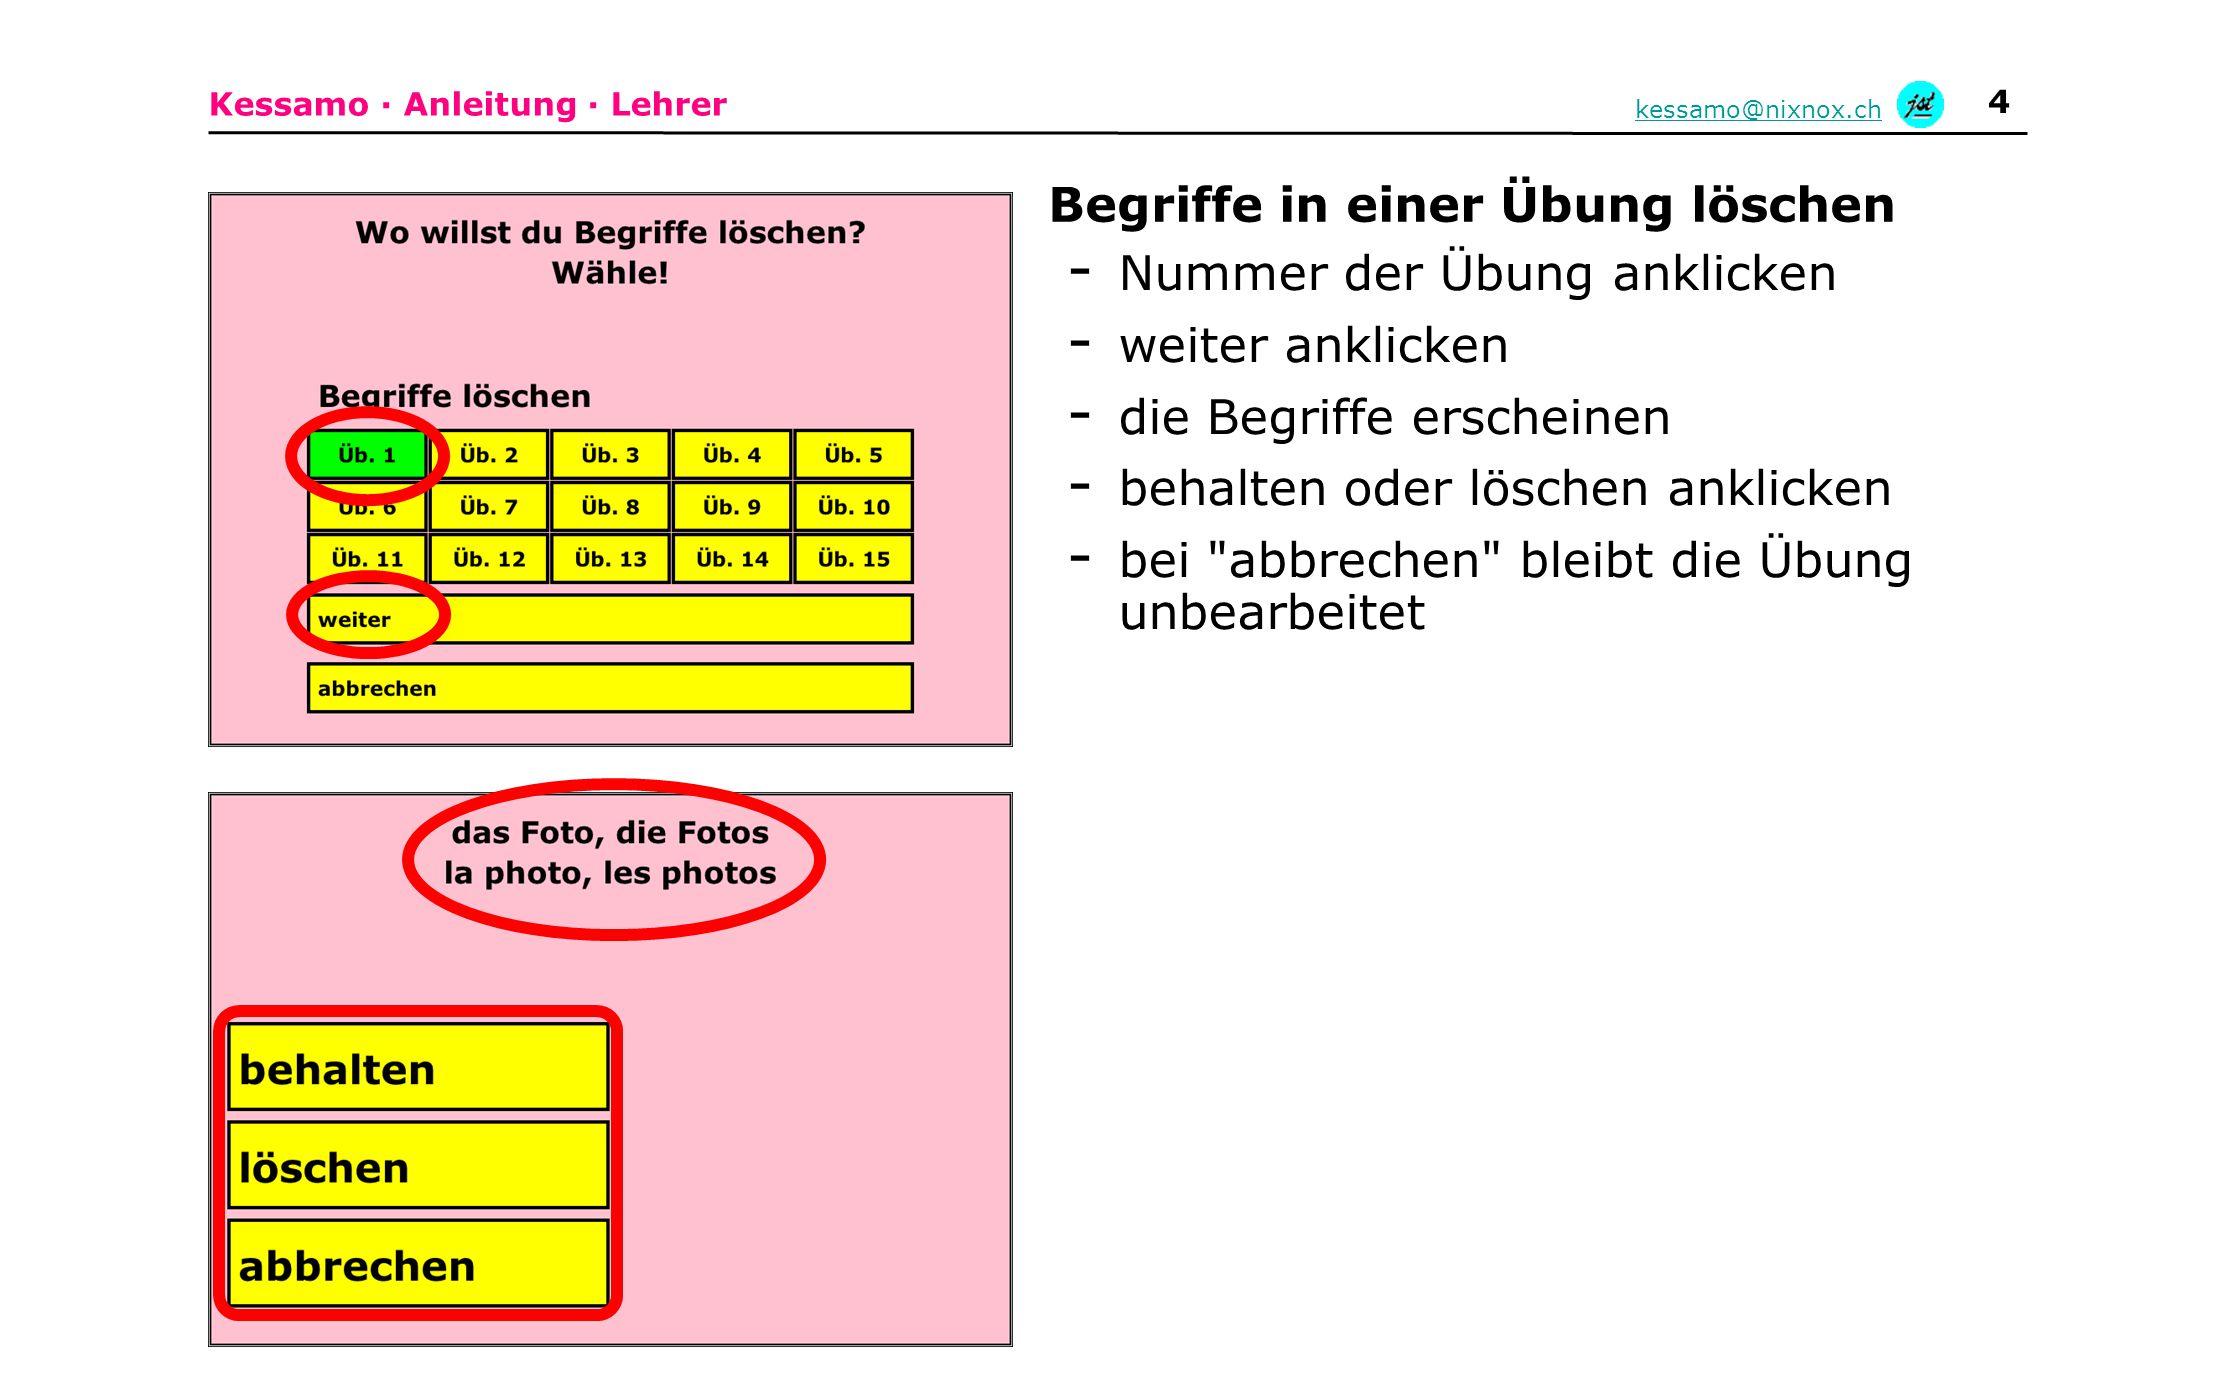 Kessamo · Anleitung · Lehrer kessamo@nixnox.ch 4 Begriffe in einer Übung löschen - Nummer der Übung anklicken - weiter anklicken - die Begriffe erscheinen - behalten oder löschen anklicken - bei abbrechen bleibt die Übung unbearbeitet